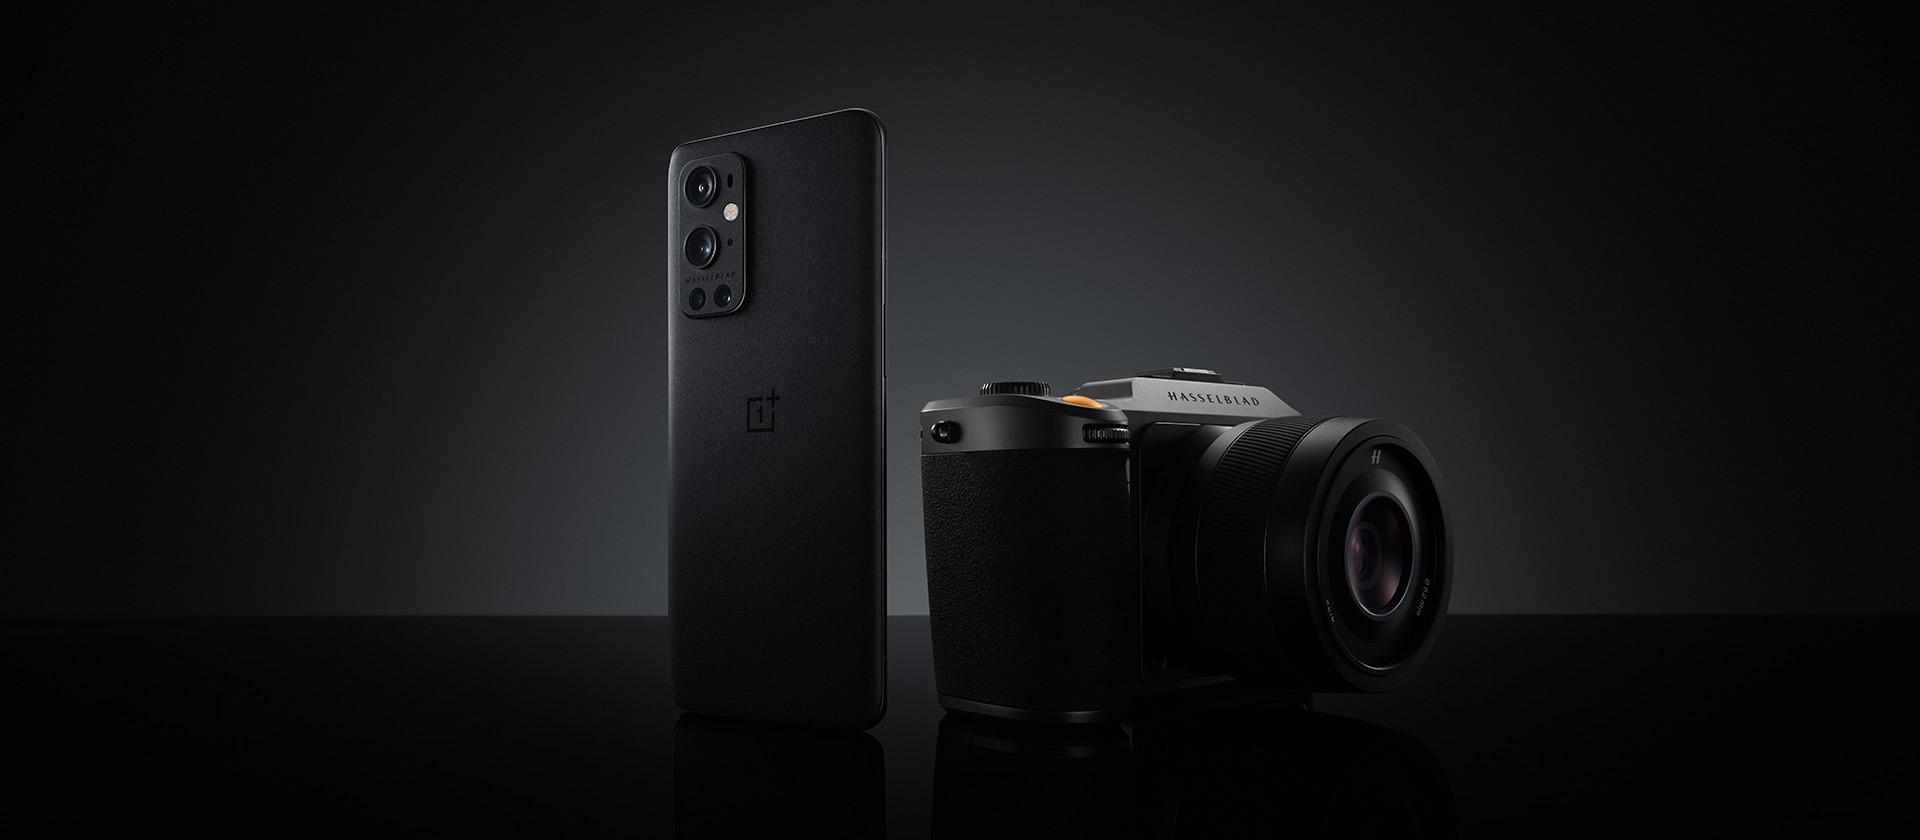 Colaboración entre Hasselblad y OnePlus mejora el nivel de la fotografía